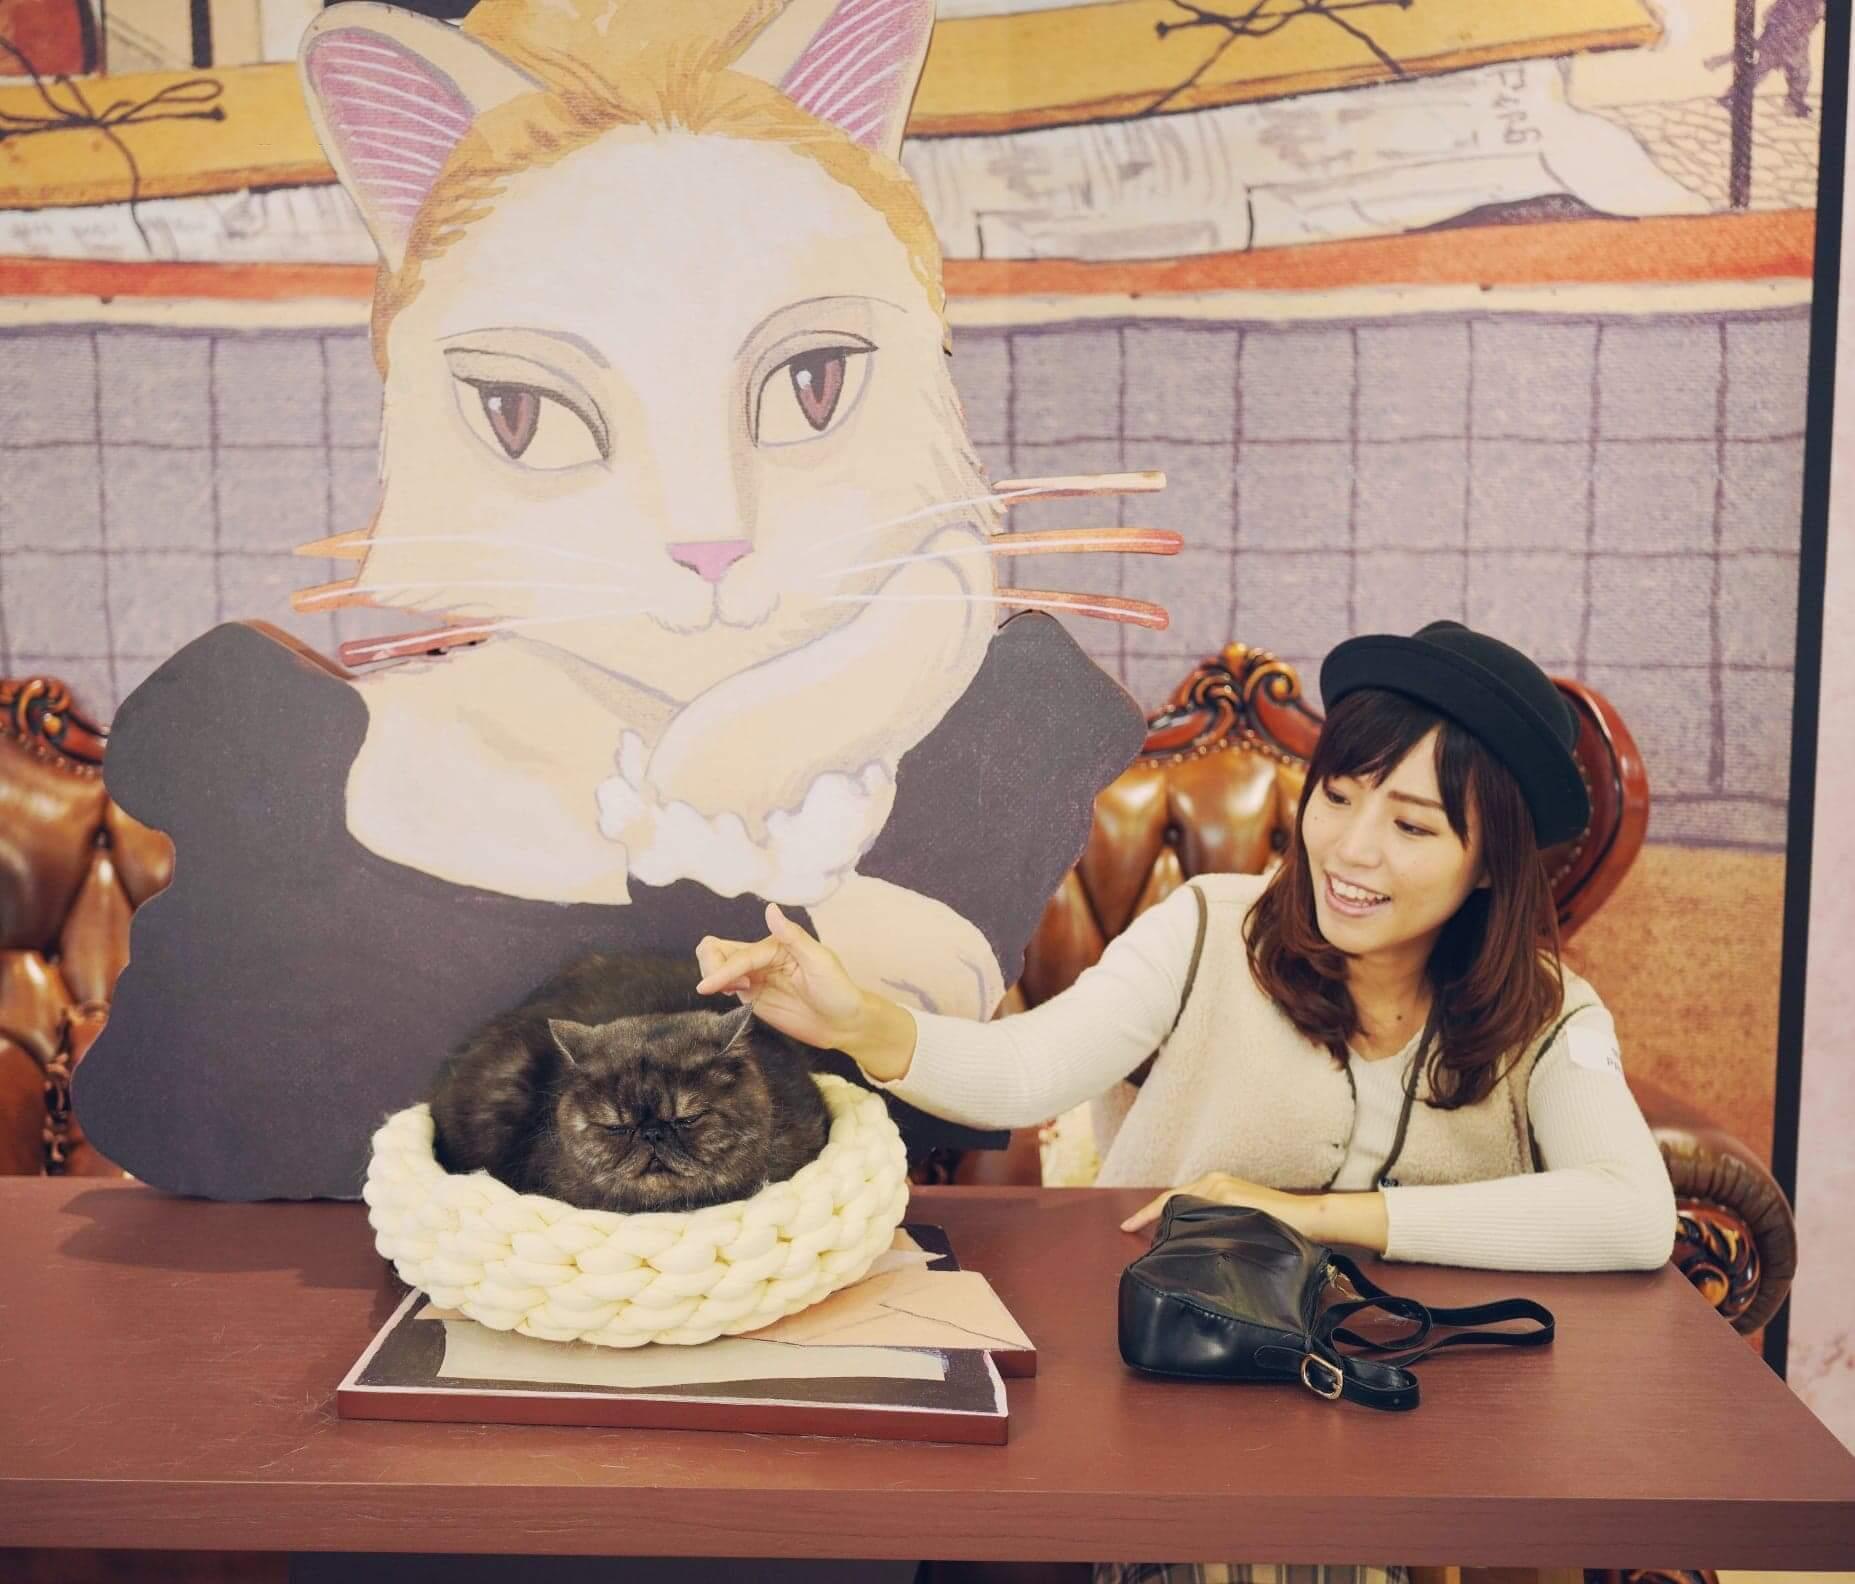 北角匯一期必去《咖啡館的貓 》布景,慵懶高貴的名模貓咪正等著大家與她 來一杯「藝」咖啡。